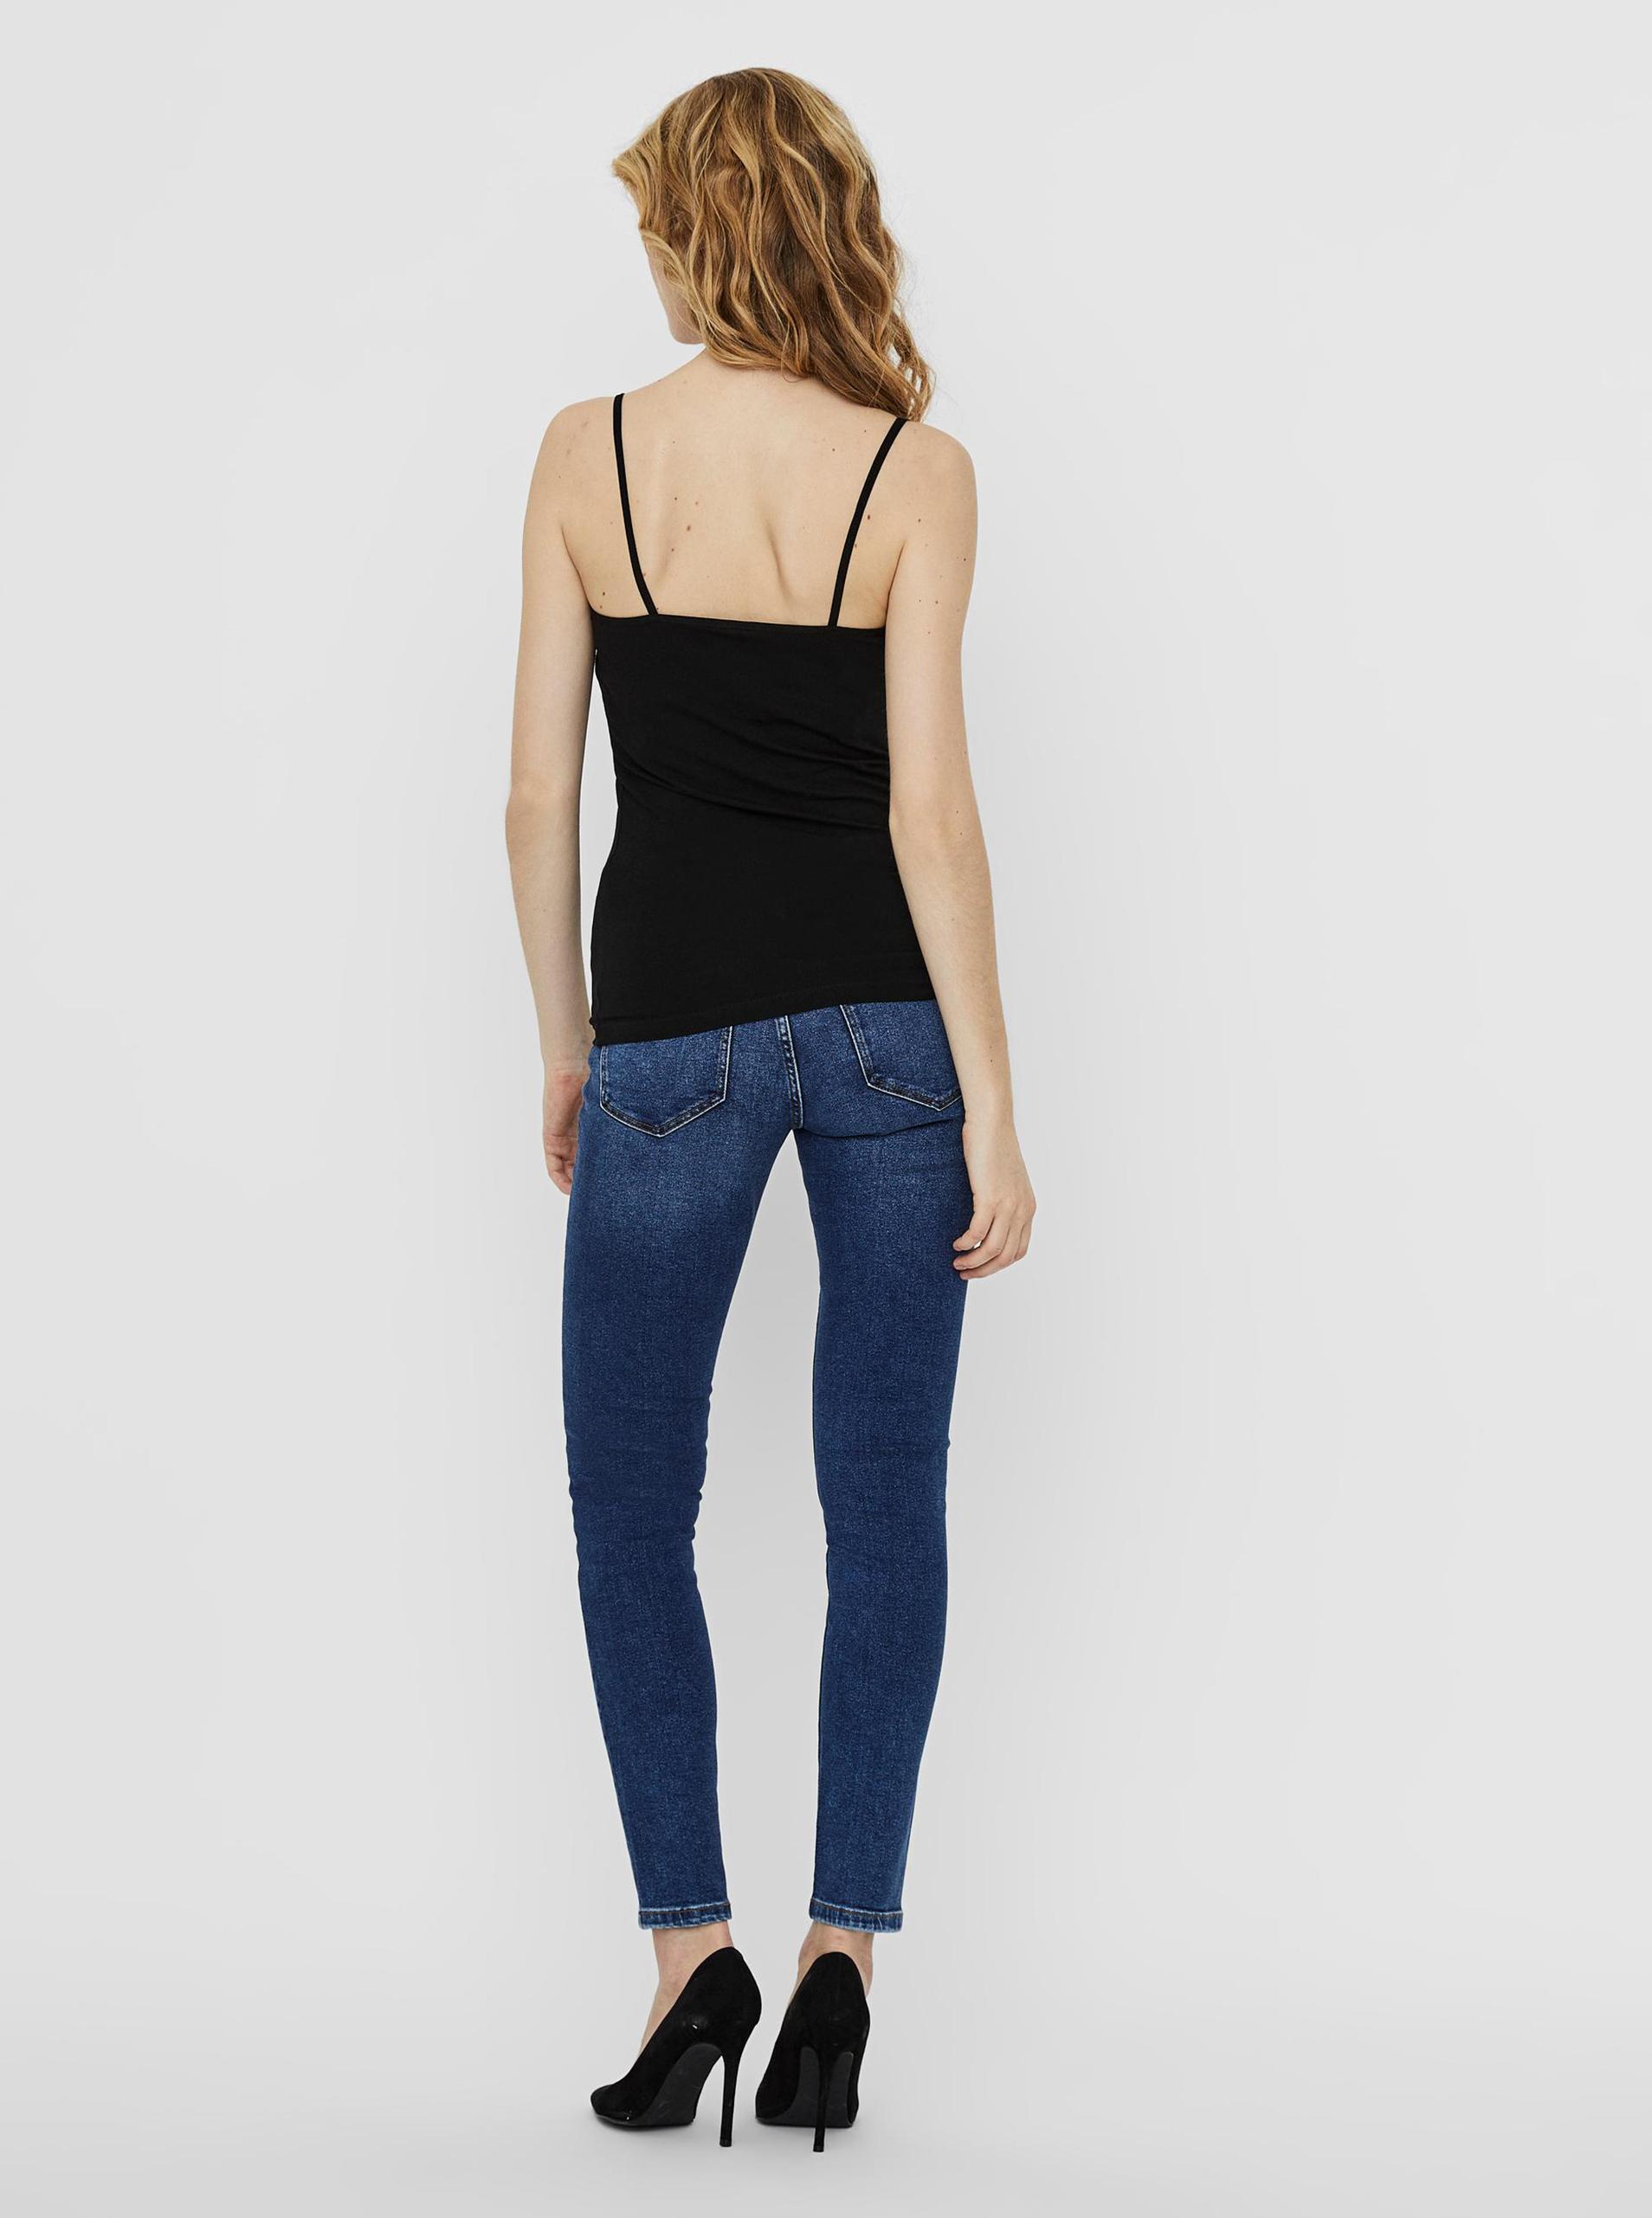 Vero Moda 2 pack tílek v černé a bílé barvě Inge